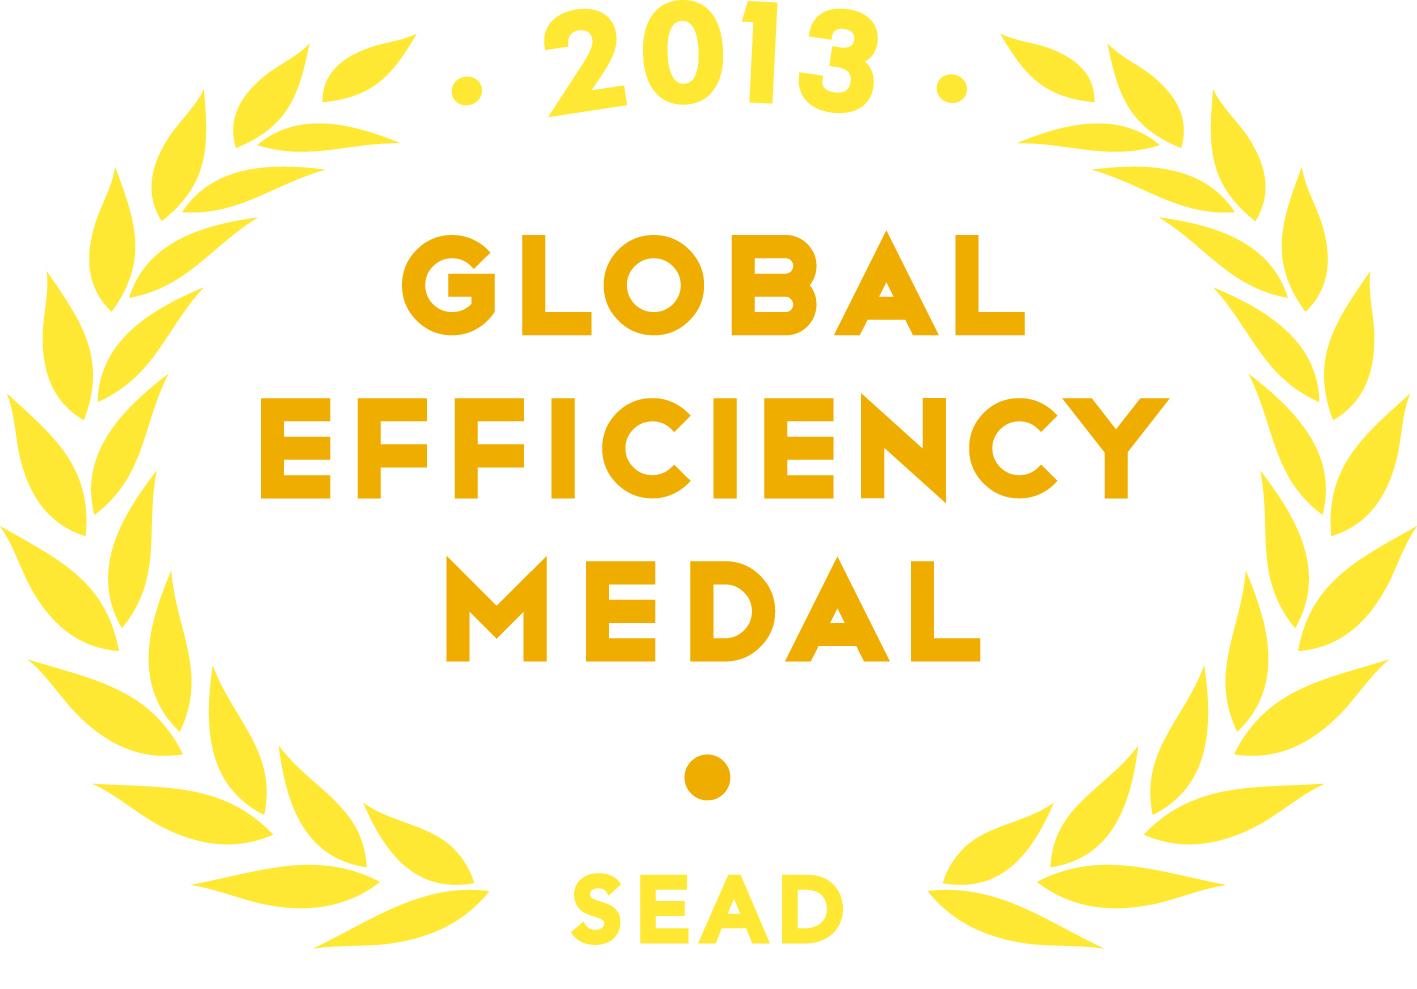 2013 Global Efficiency Medal